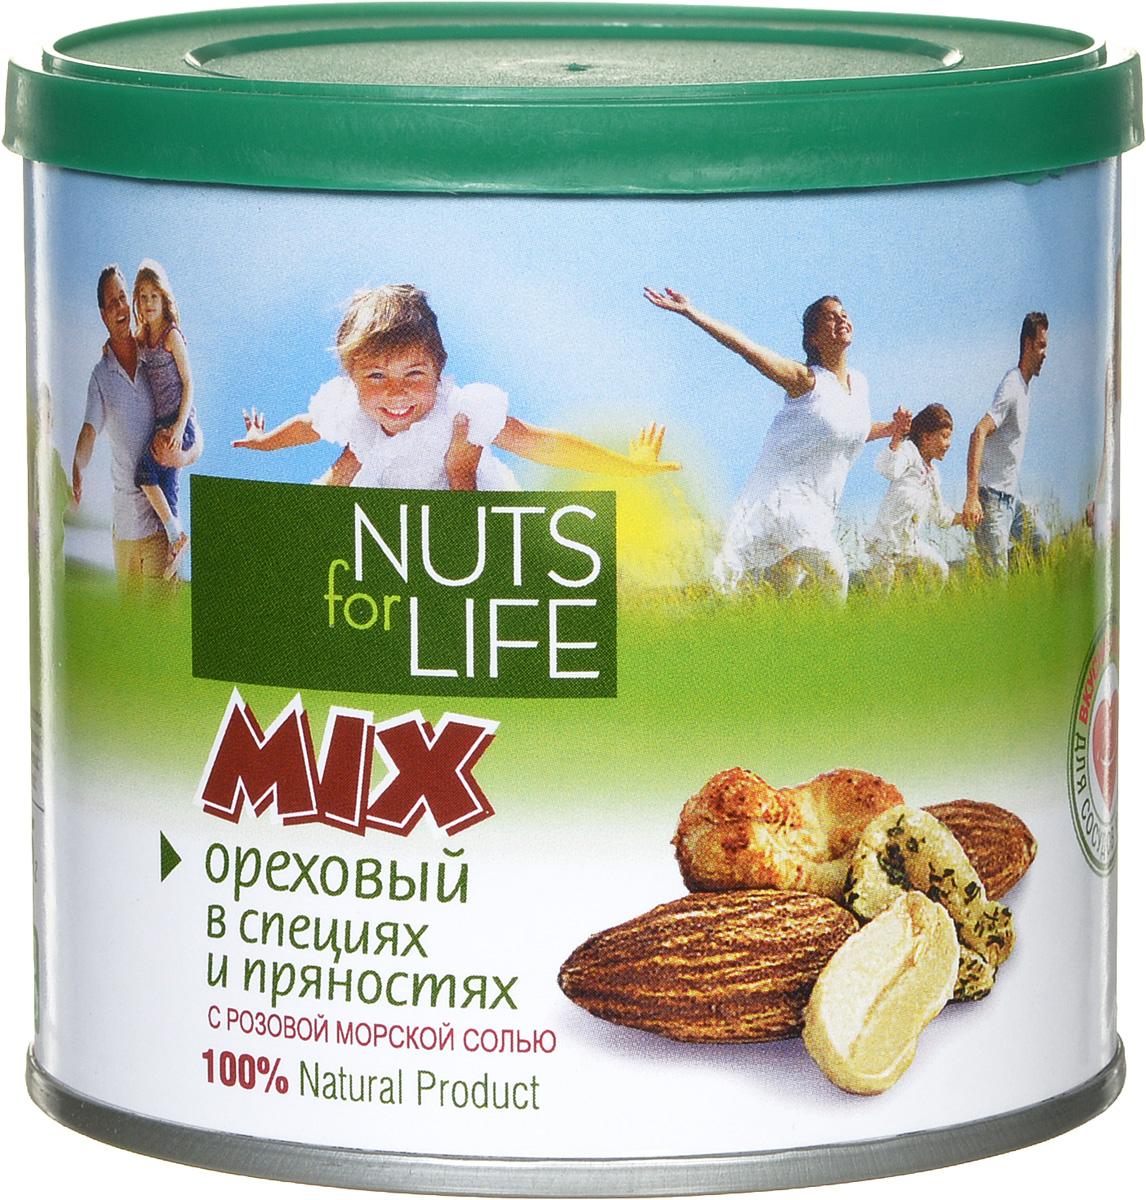 Nuts for Life Микс ореховый в специях и пряностях, 115 г0120710Ядра высококачественного обжаренного миндаля, ароматный кешью с натуральным испанским томатом, арахис с чесноком и пряностями в сочетании с розовой морской солью зарядят вас необходимой энергией и повысят жизненный тонус.